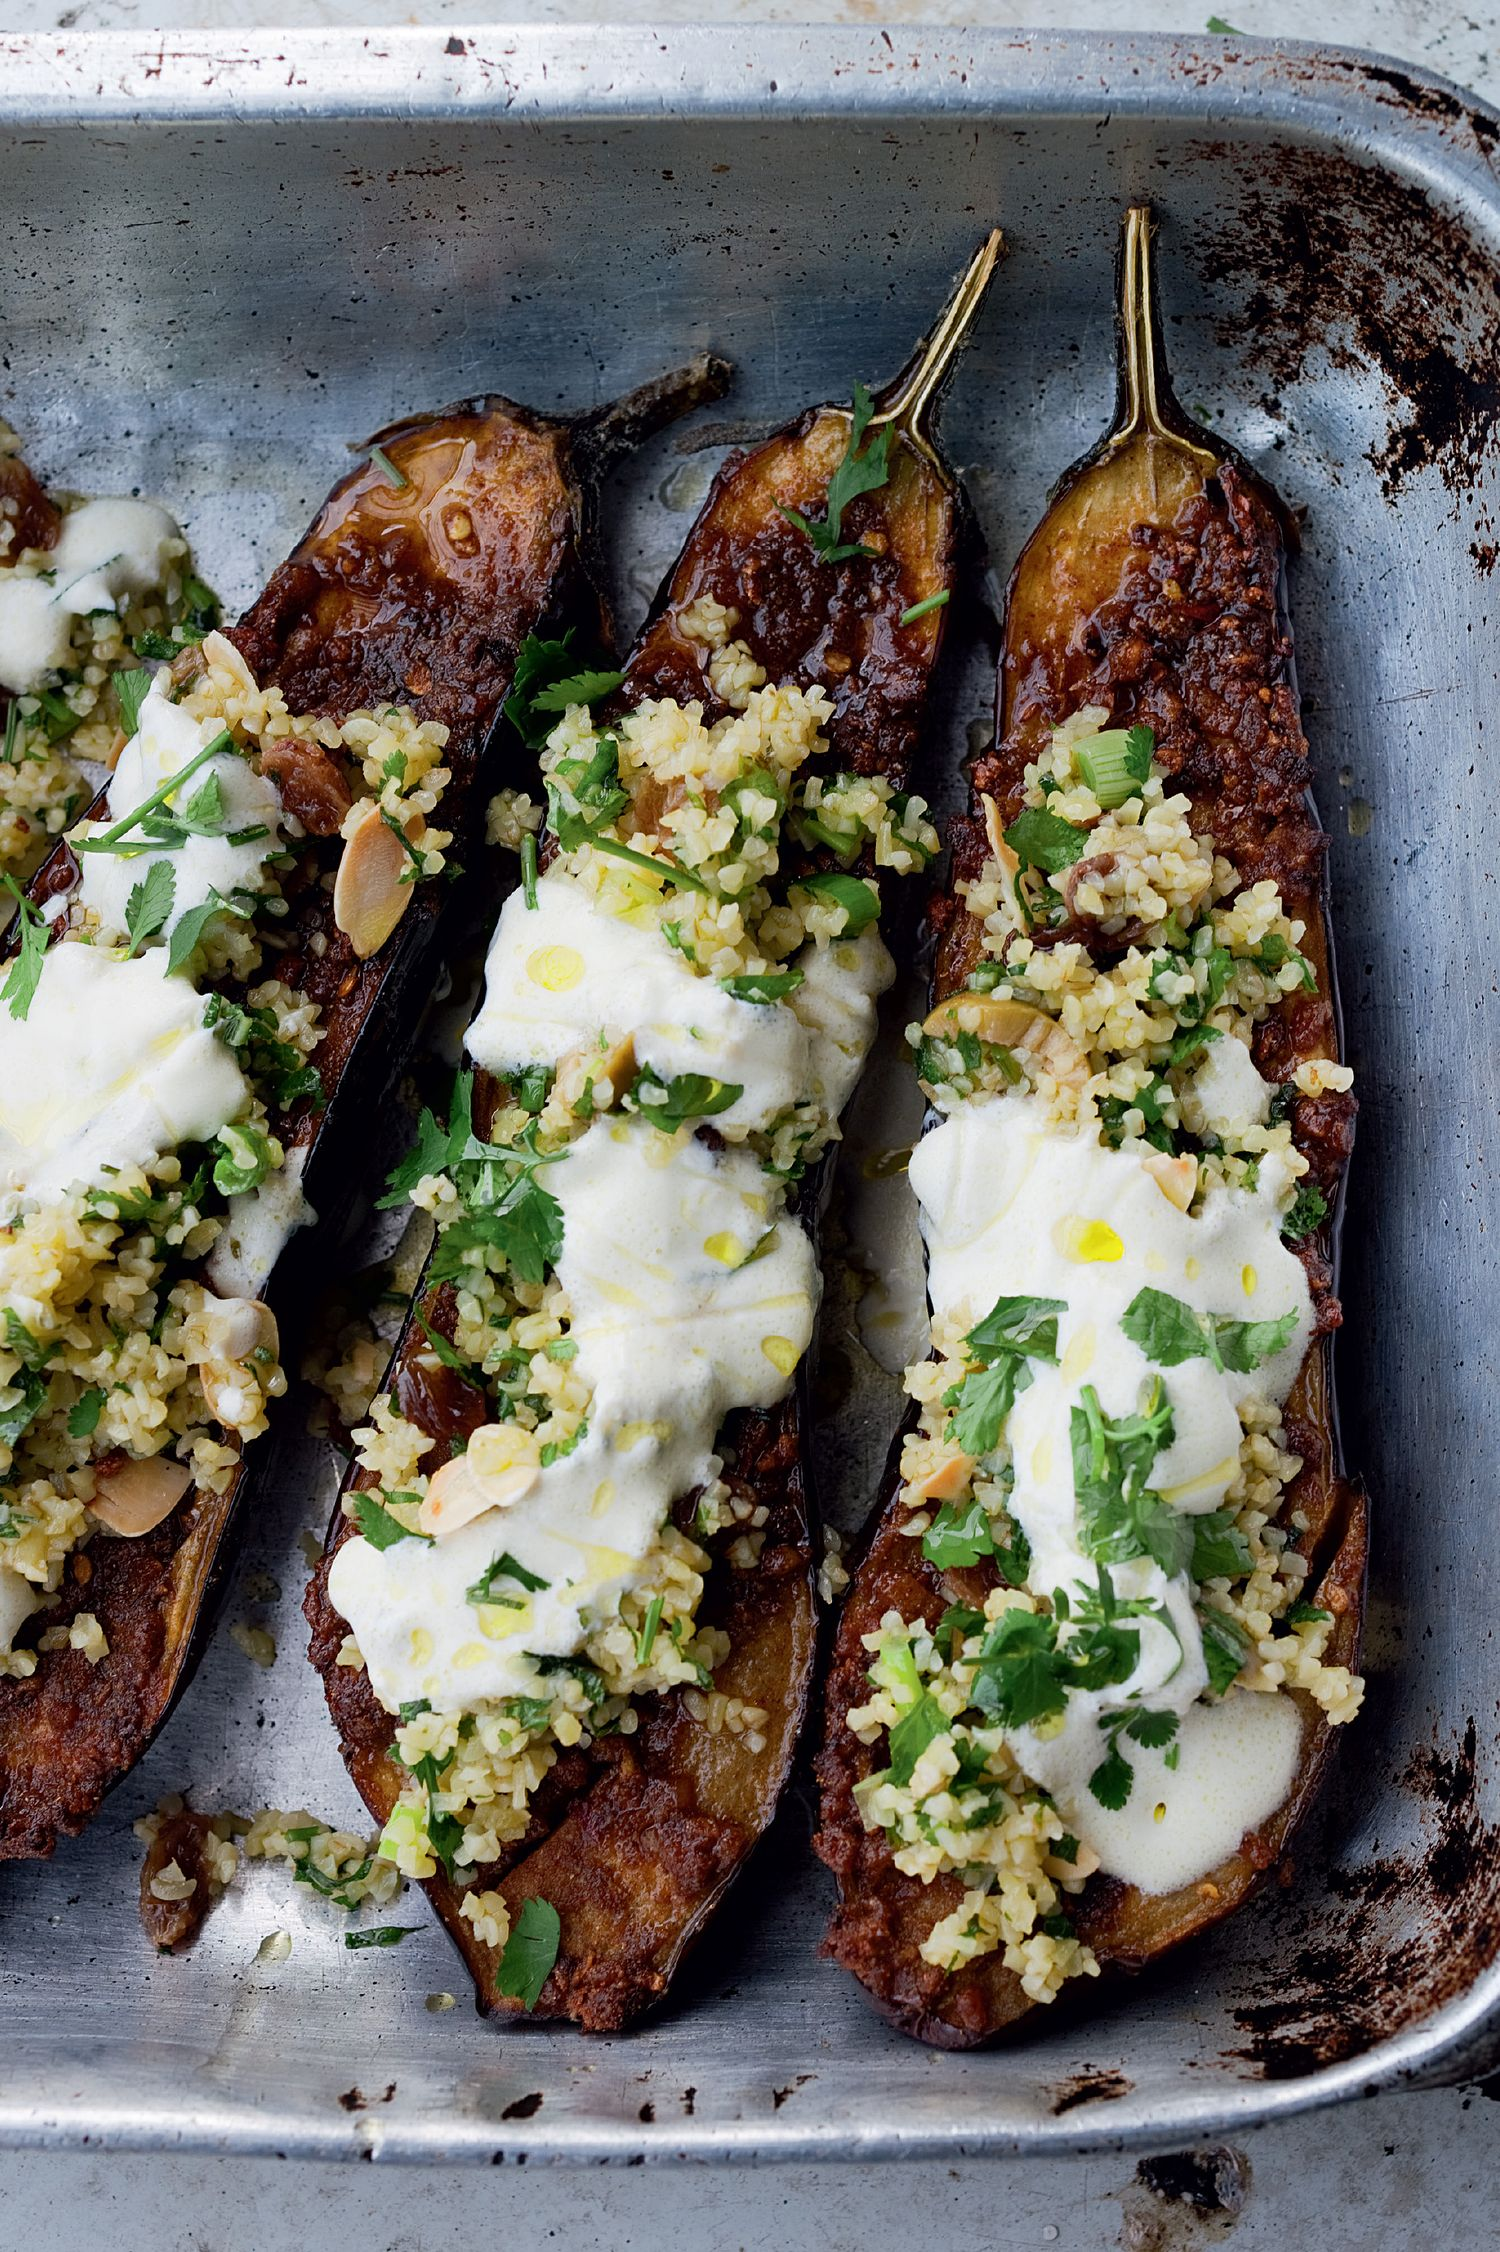 ottolenghi eggplant #8